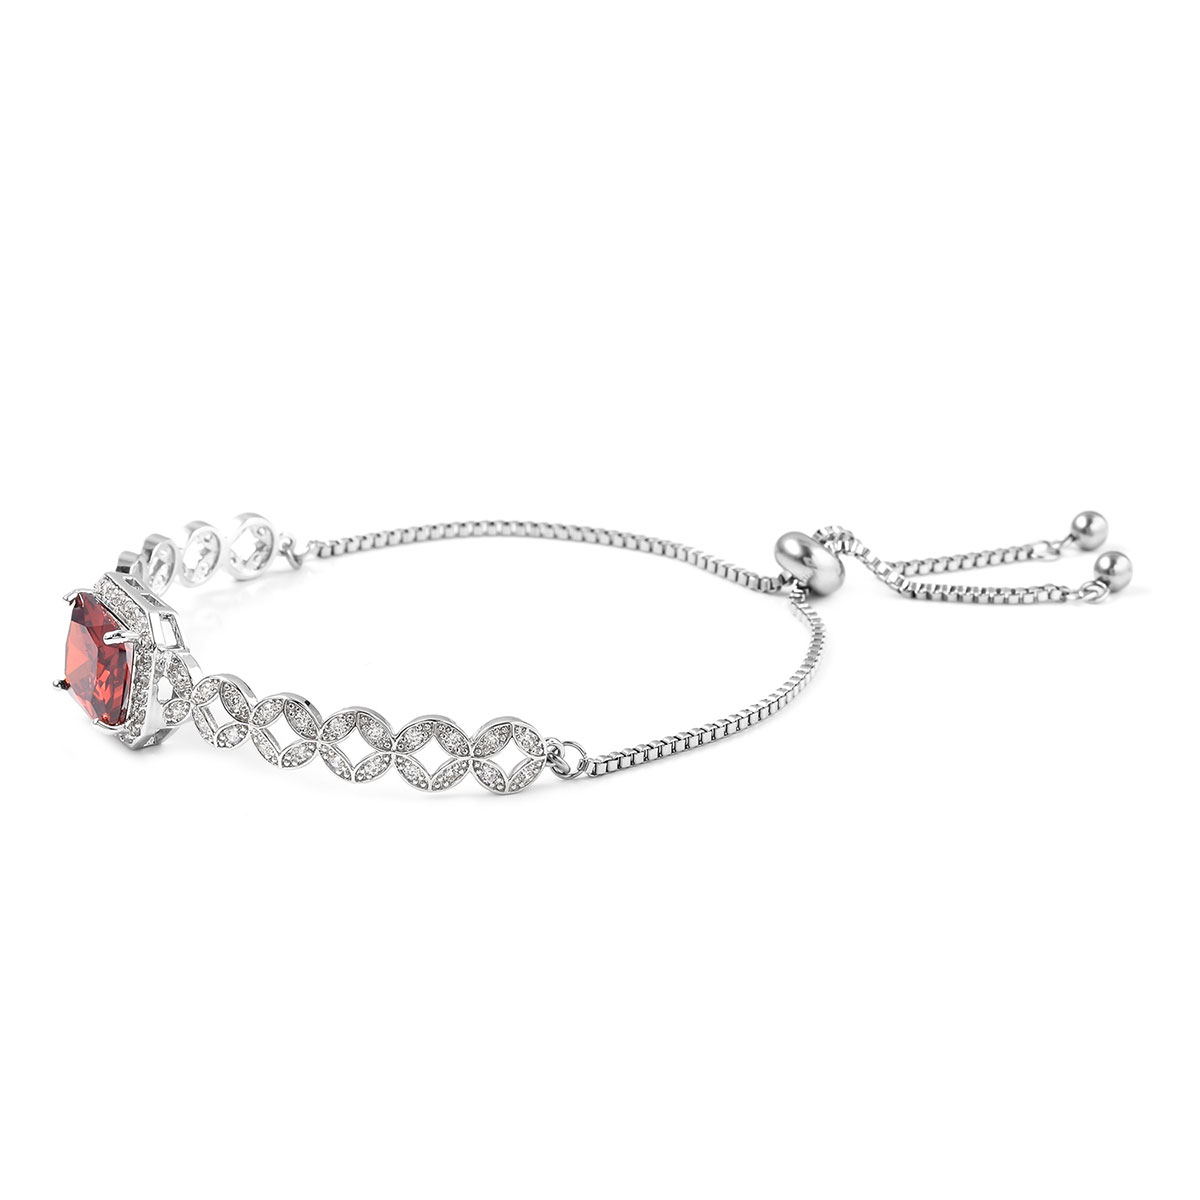 12-Color-Options-Cubic-Zirconia-Bracelet-Chain-Pendant-Necklace-Set-Adjustable thumbnail 82